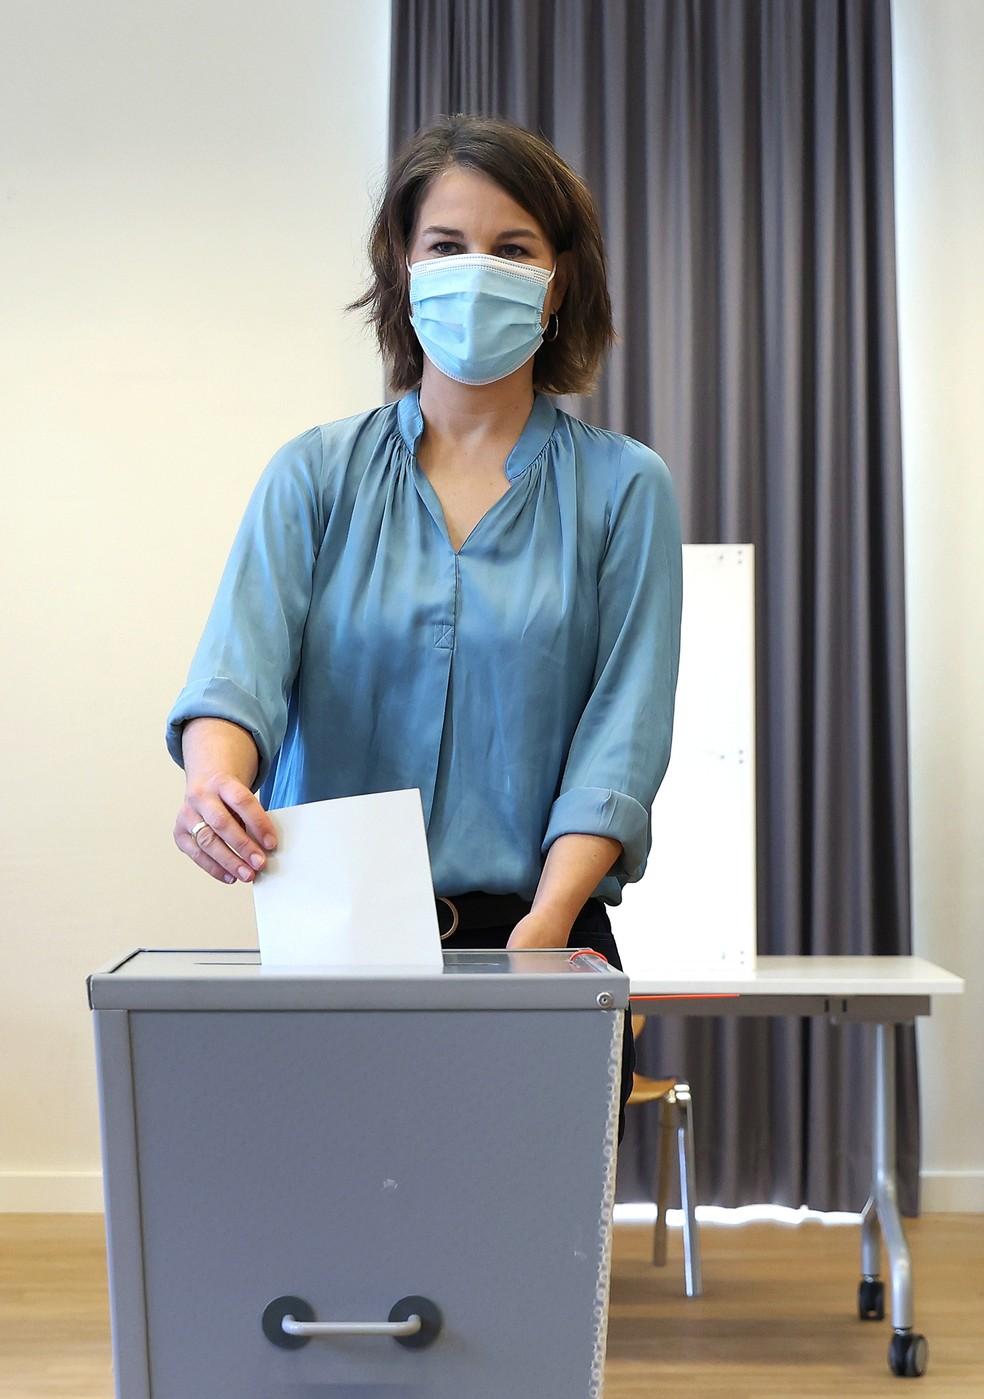 Annalena Baerbock, candidata dos Verdes, vota nas eleições federais alemãs neste domingo (26). — Foto: Reuters